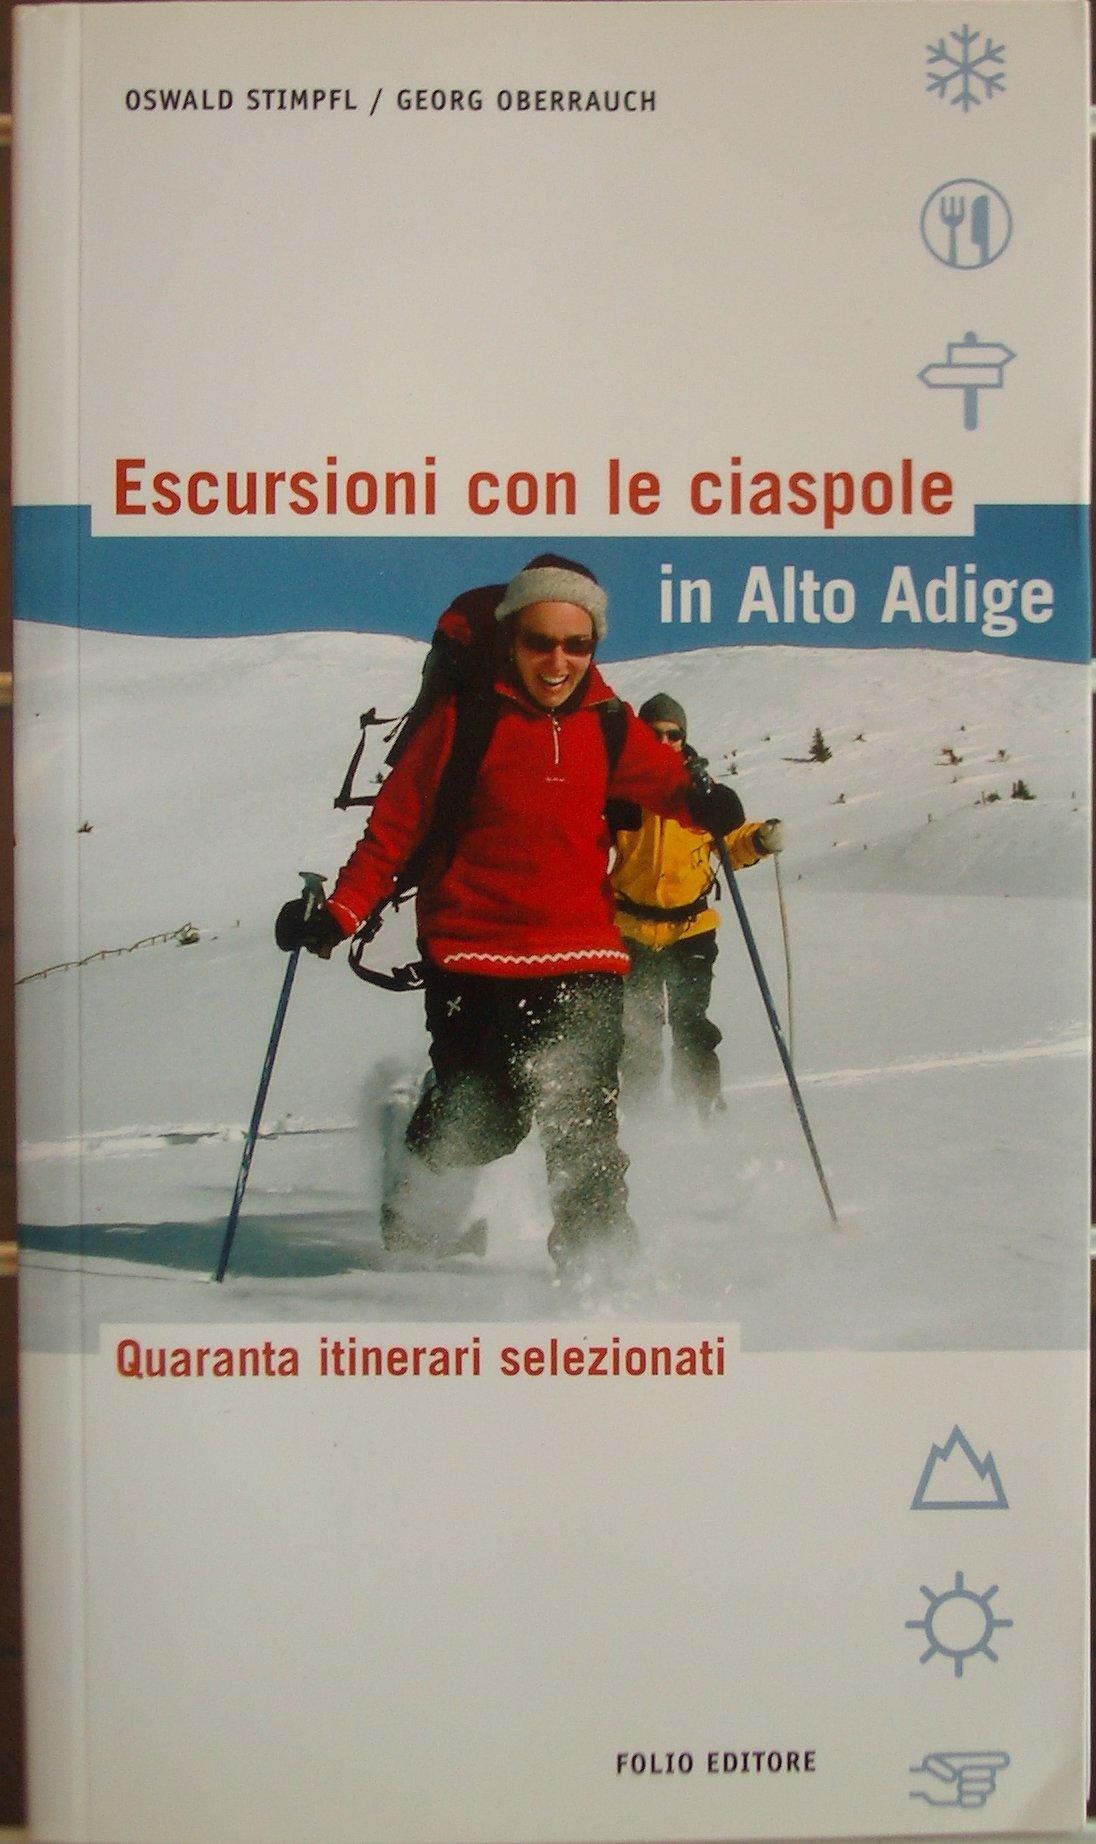 Escursioni con le ciaspole in Alto Adige